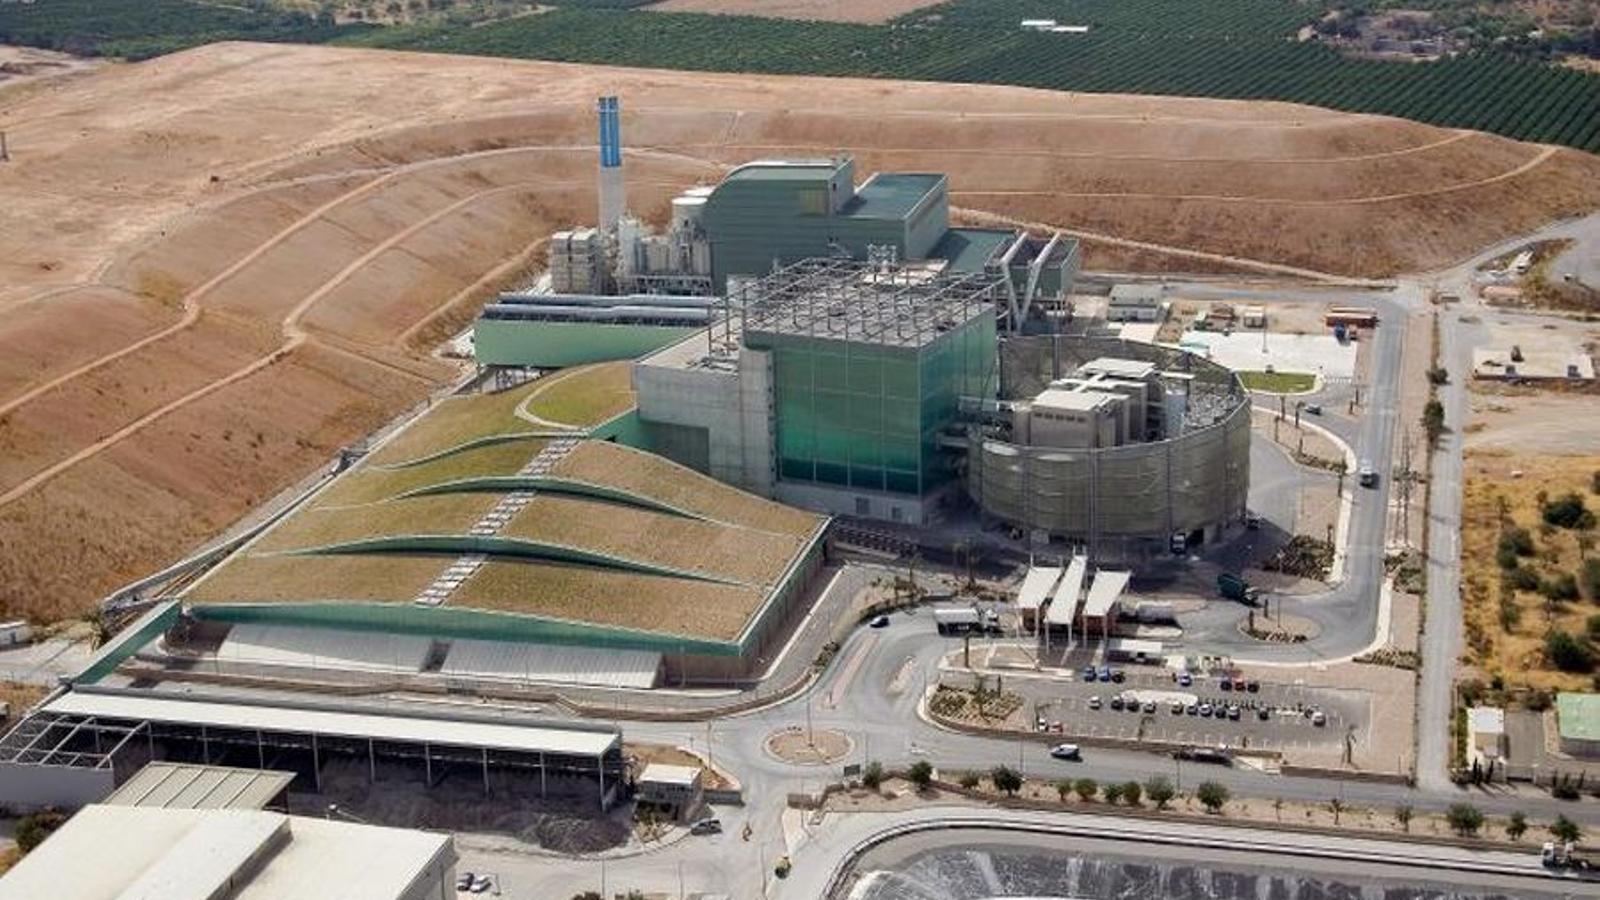 La planta incineradora que Tirme gestiona a Son Reus. ARA BALEARS